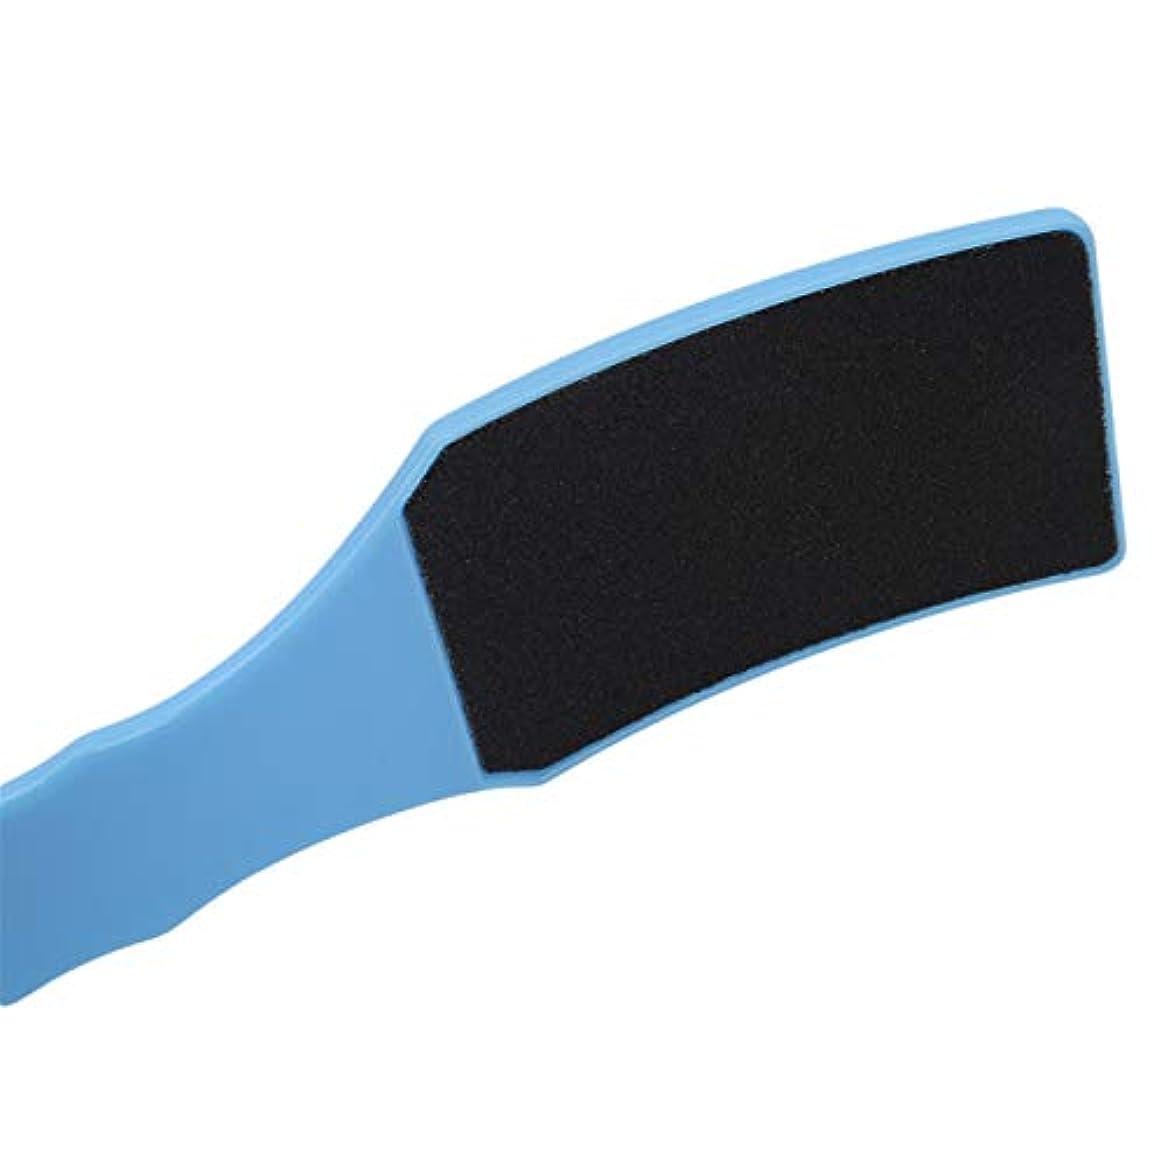 歯科の社会主義天井ZALING 湾曲した形状の足やすりケアカルスファイルハードスキンリムーバーフィートペディキュア角質除去ペディキュアフットケアツール